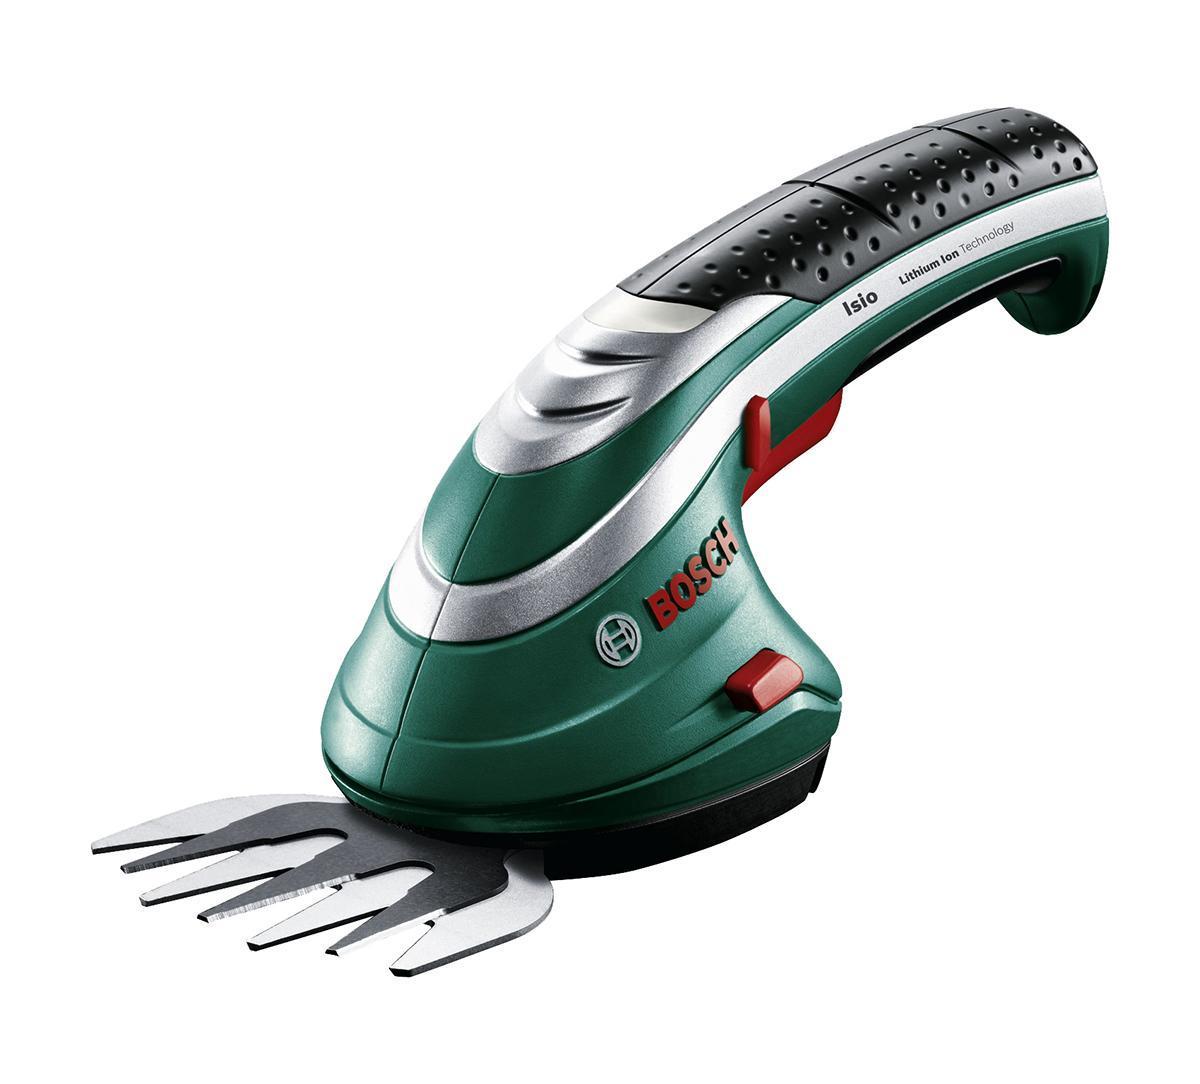 Аккумуляторные ножницы для травы Bosch ISIO 3 + чехол 06008331000600833100